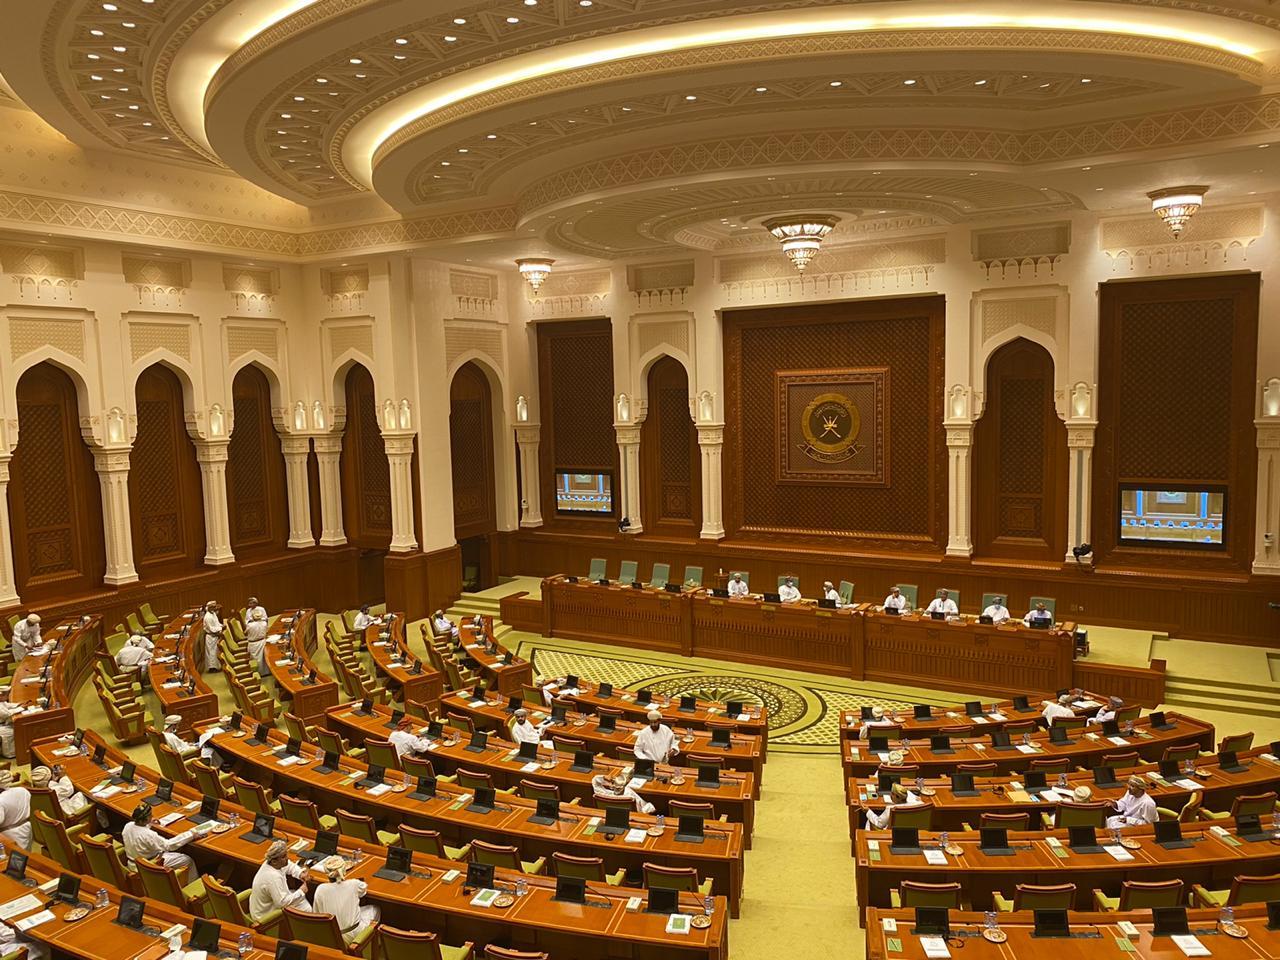 لم تتضمن أعمال الجلسة بند انتخاب نائب الرئيس..مجلس الشورى يبدأ جلسته اليوم بـ 3 بنود